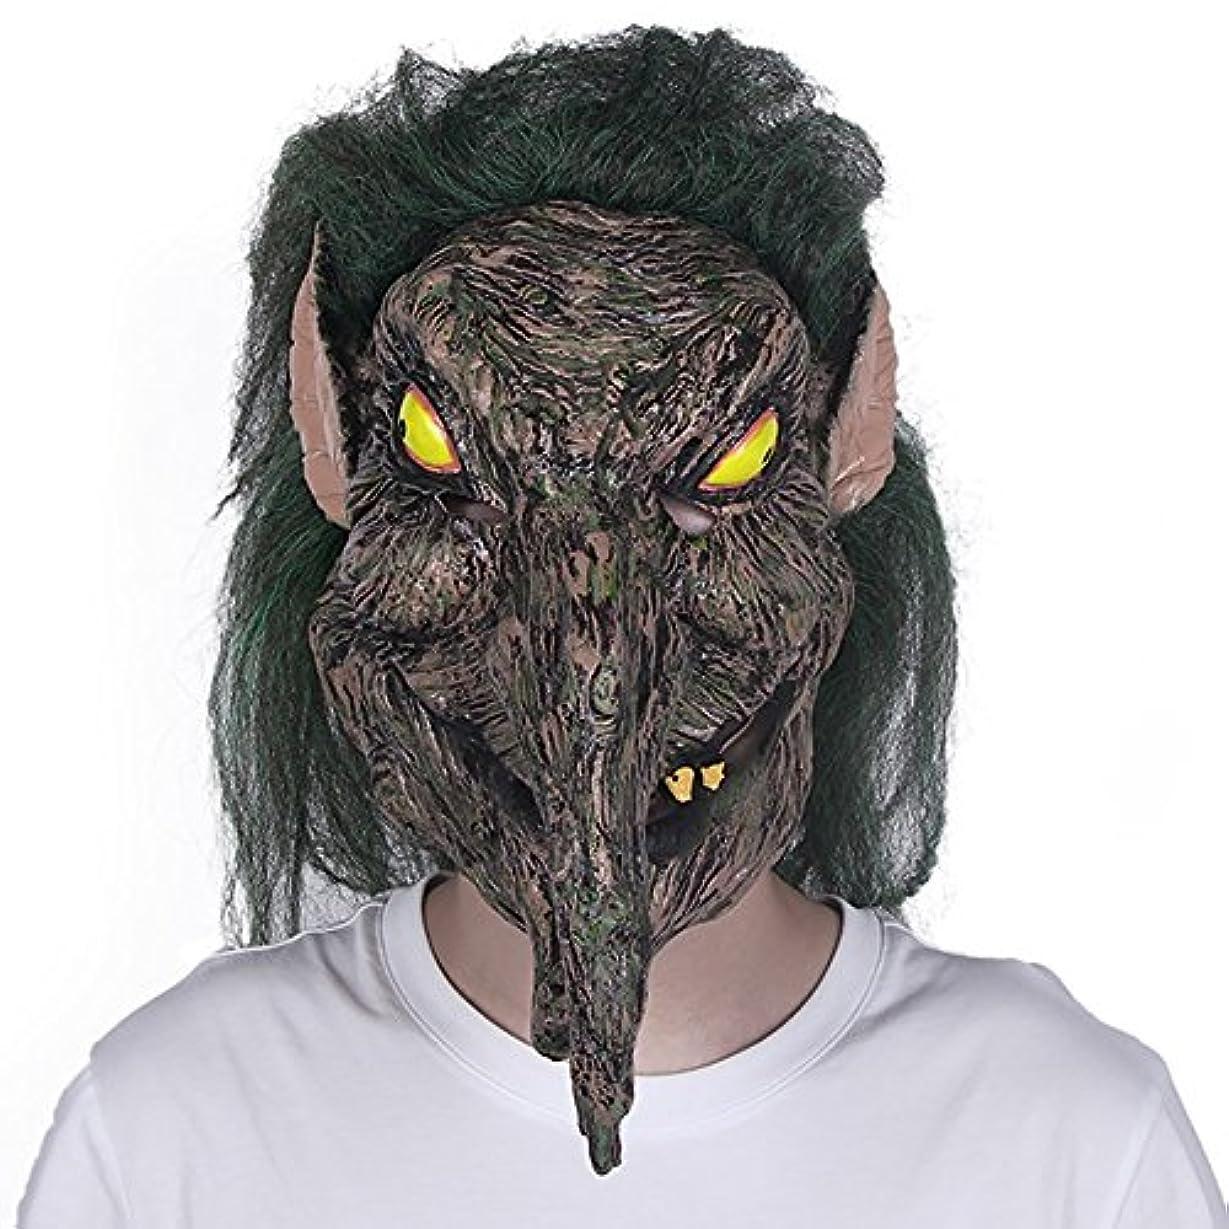 物理的な汗エスカレーターハロウィンホラーマスクしかめっ面大人の装飾ラテックスヘッドギア男性緑髪魔女怖いパーティーマスク